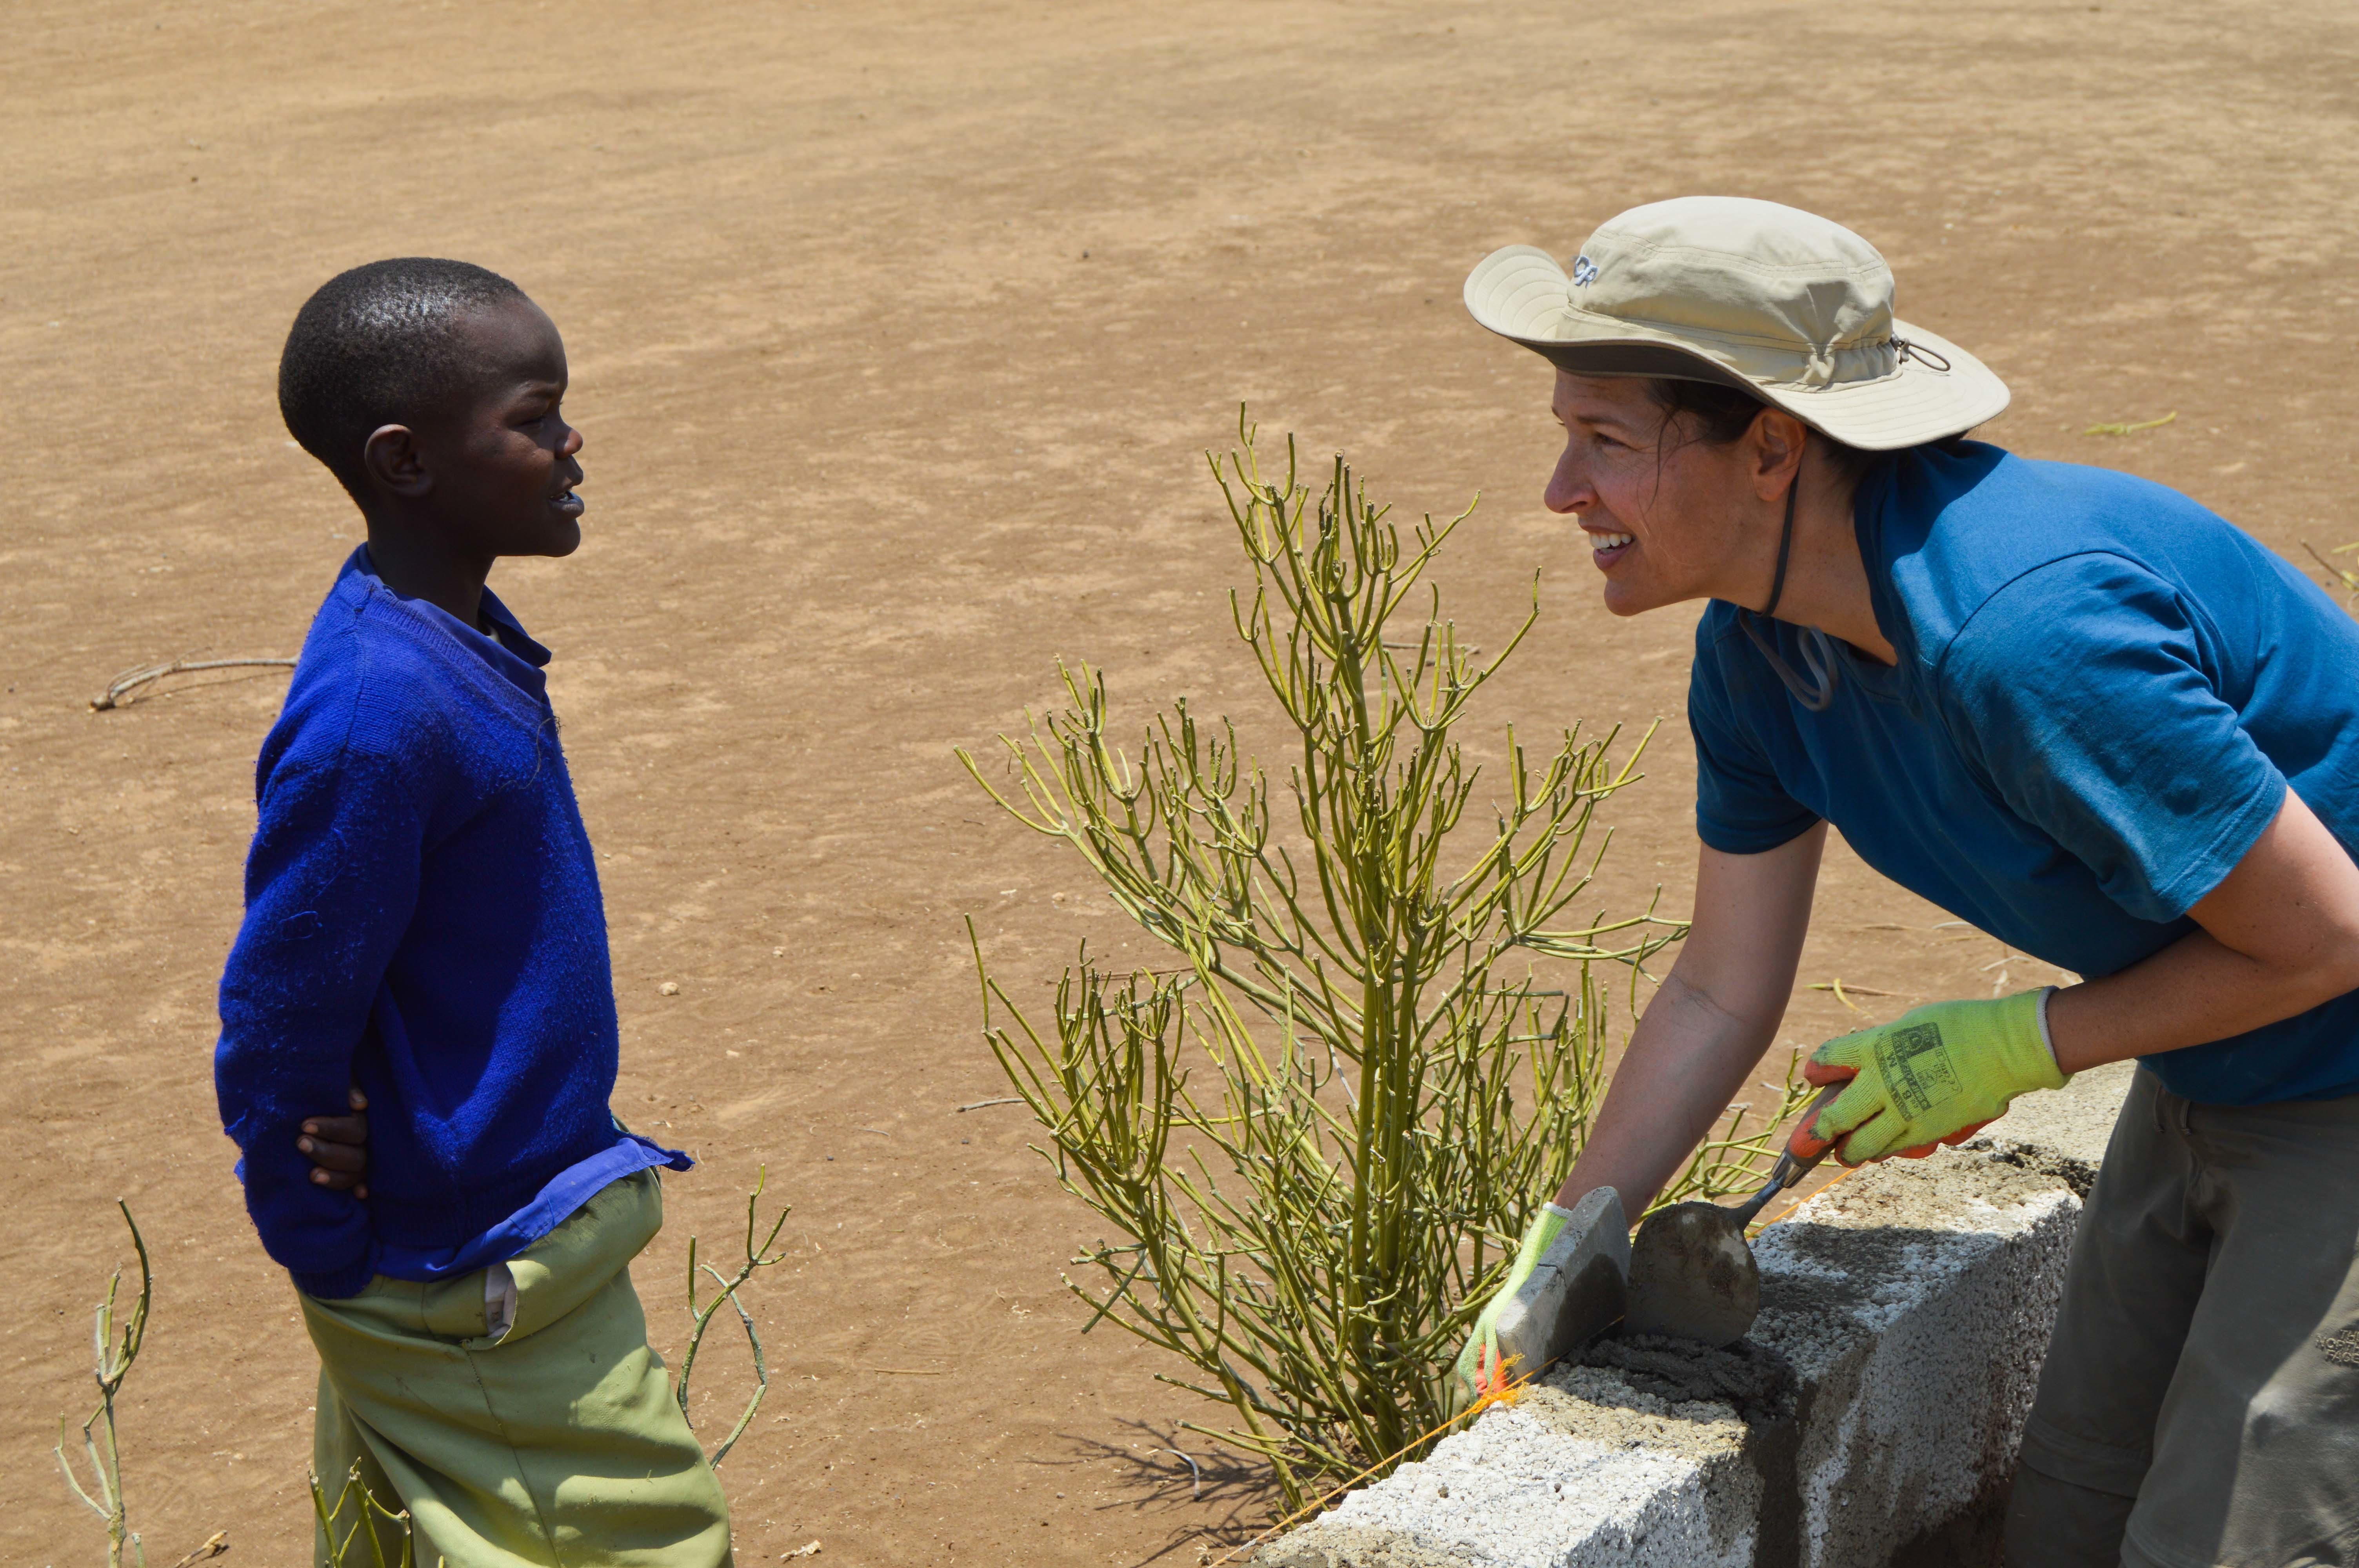 Joven voluntaria construyendo una pared mientras conversa con un niño en Tanzania.